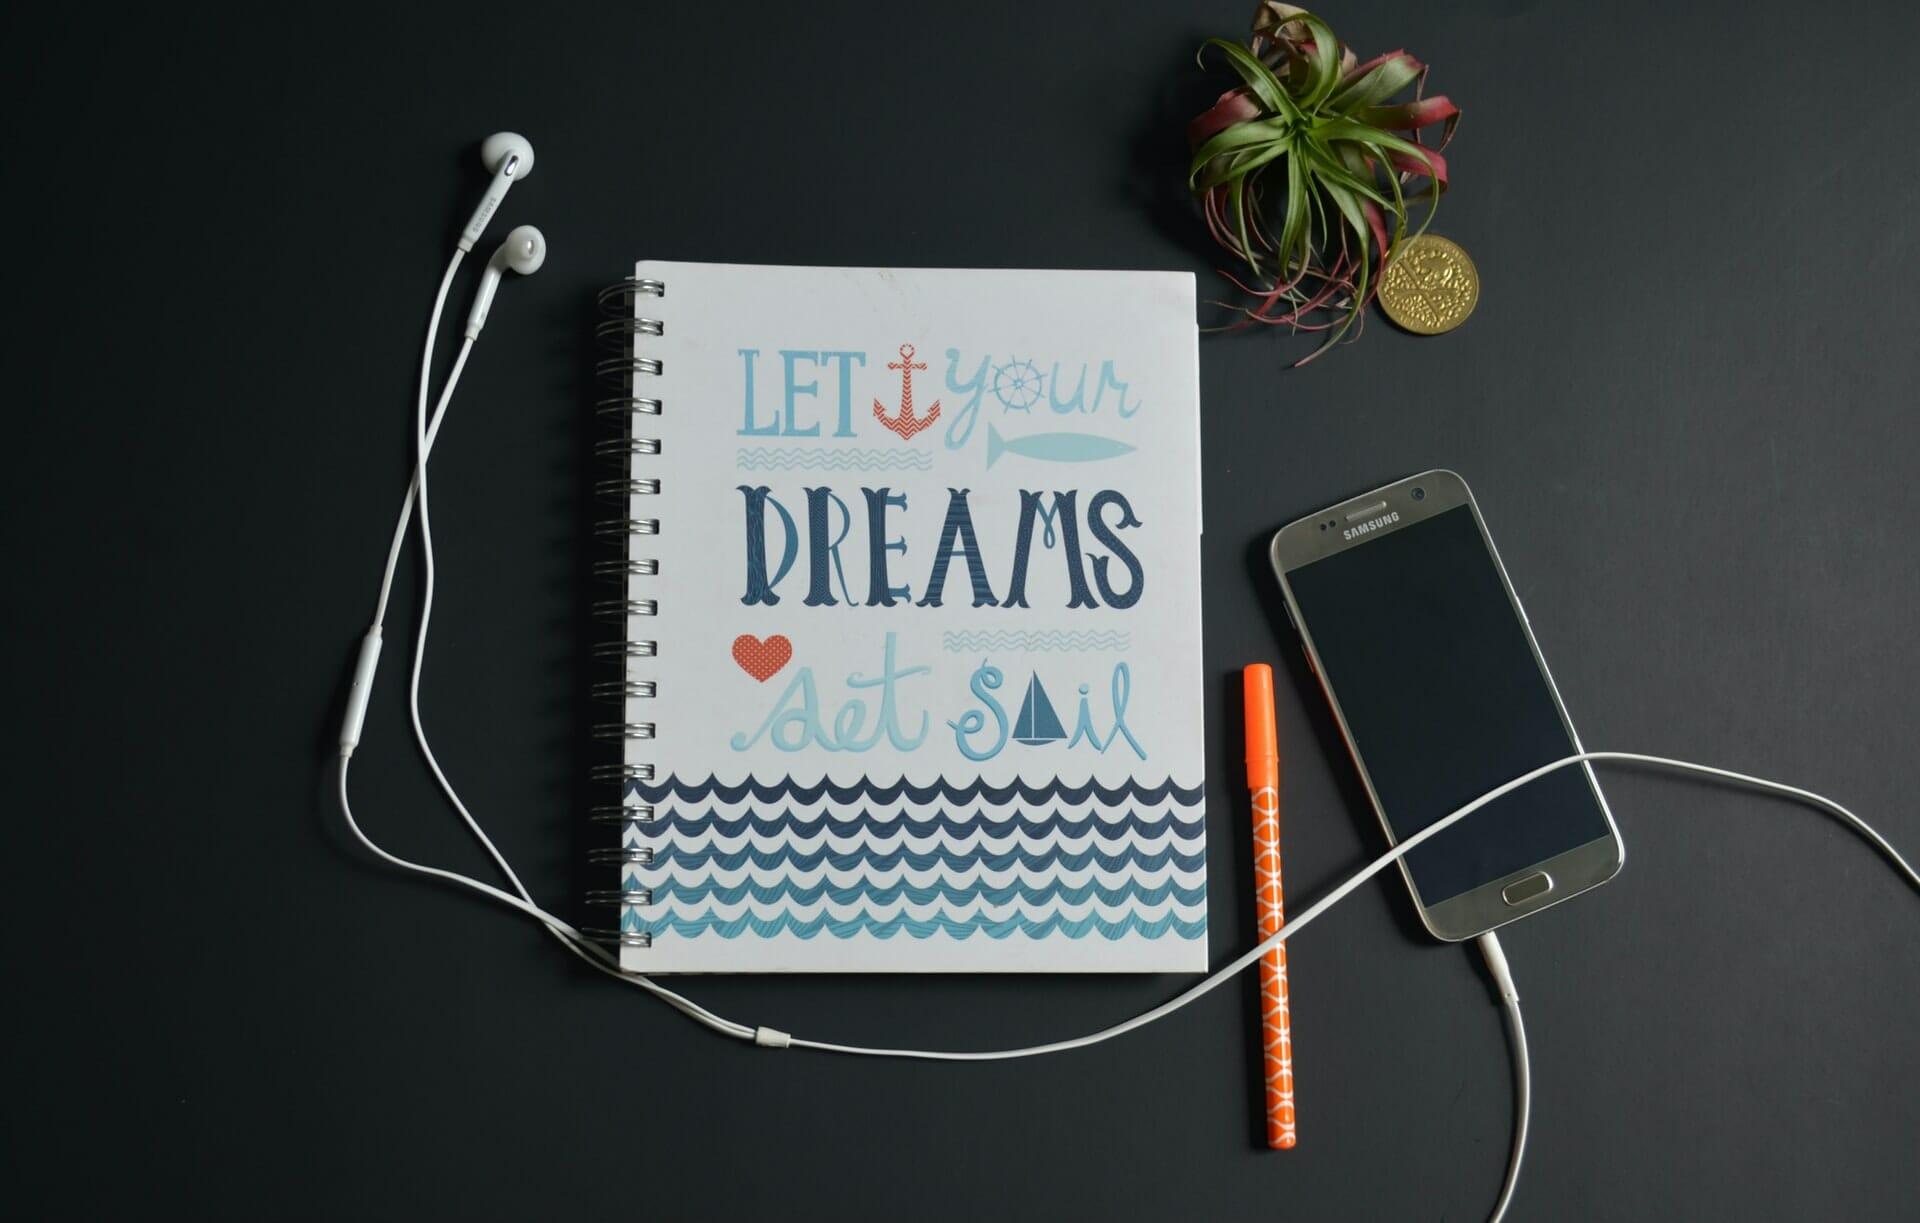 La liste de rêves